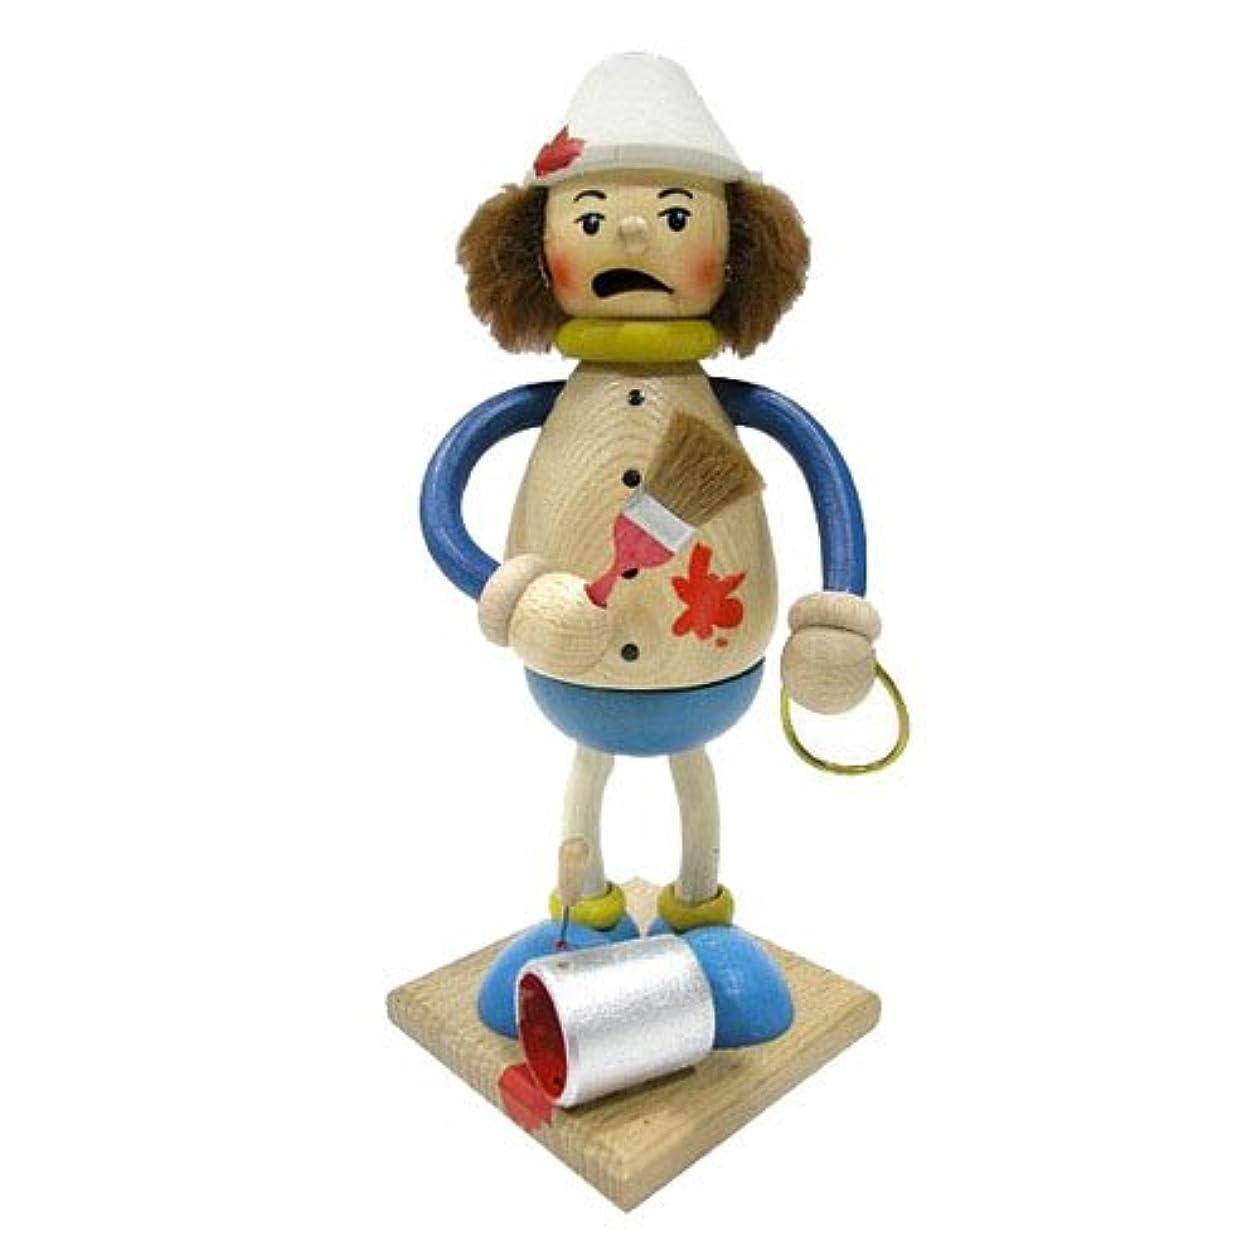 書誌形式残り物39095 Kuhnert(クーネルト) ミニパイプ人形香炉 ペインター